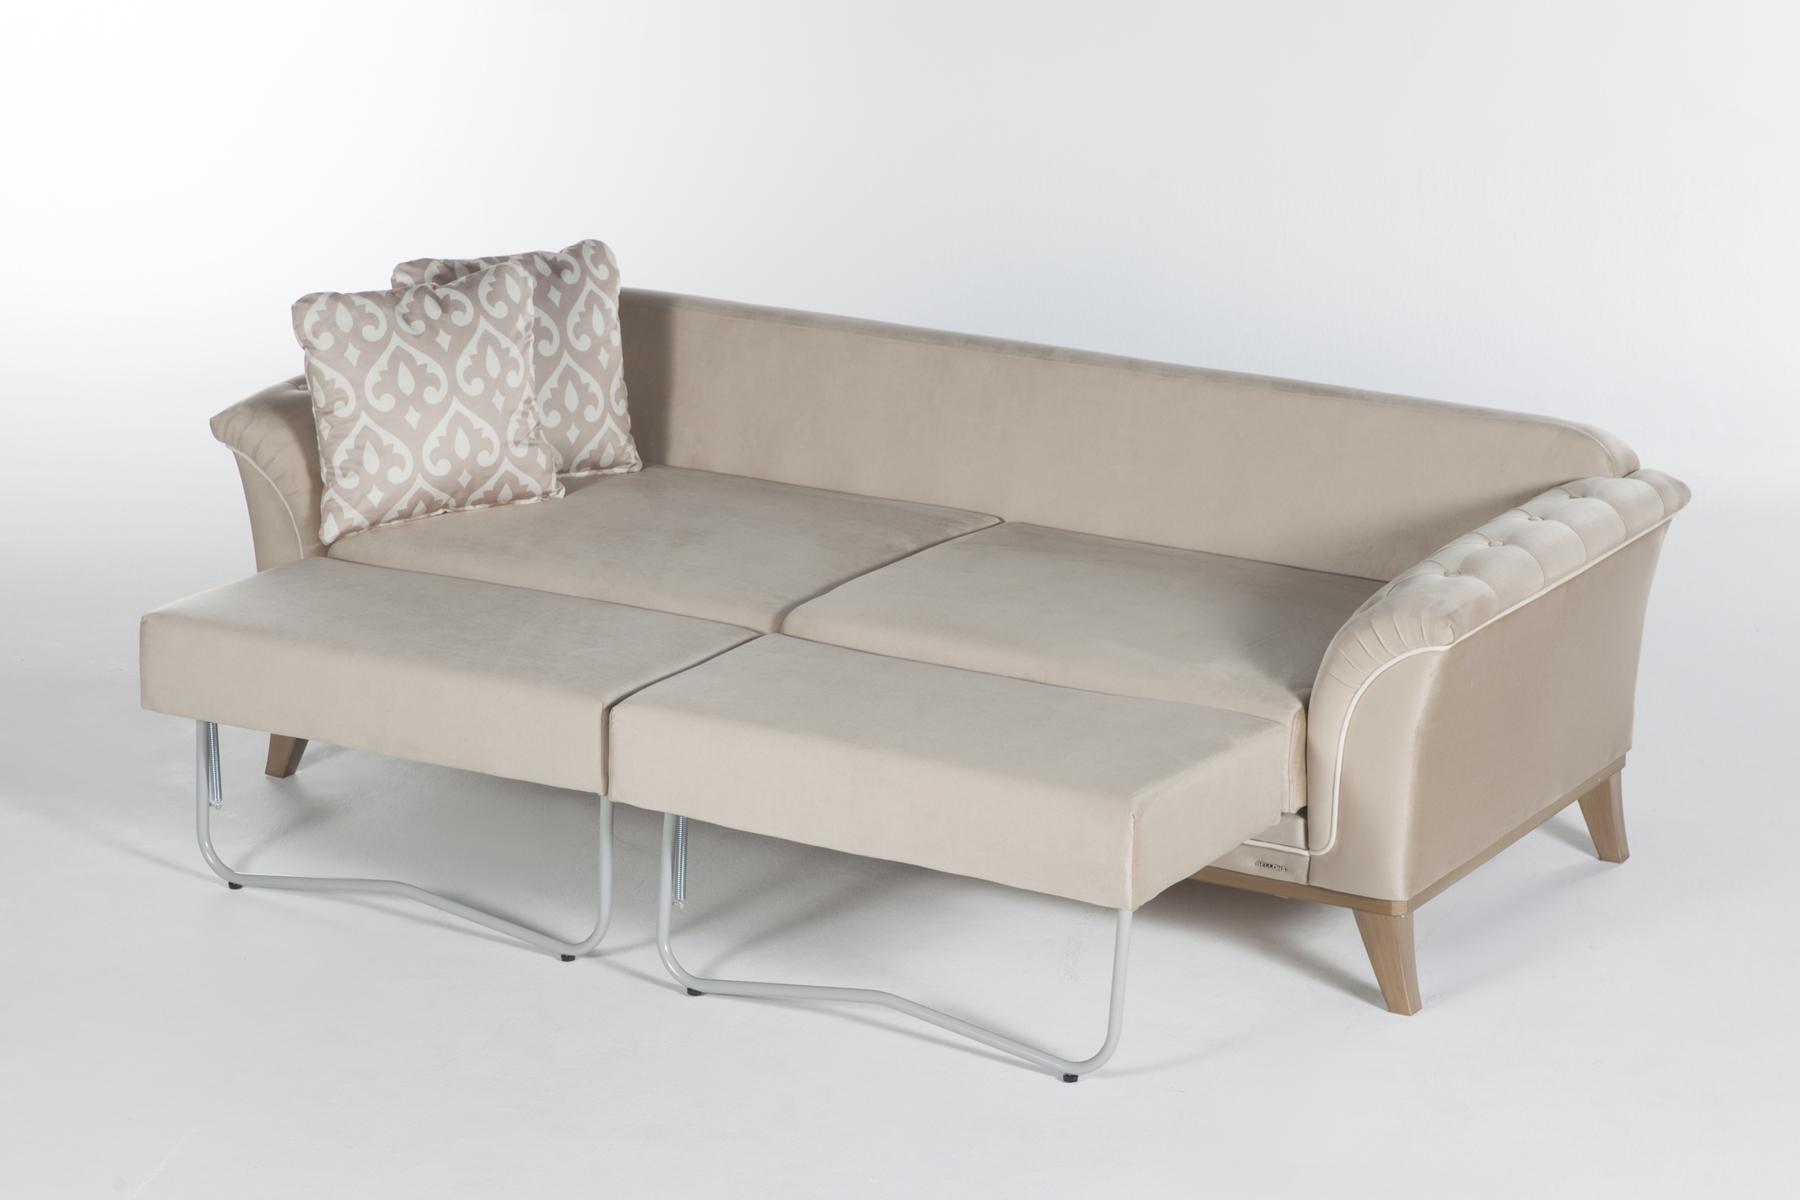 vision convertible sofa bed sleeper with storage by istikbal kroehler dekora zero vizon sunset